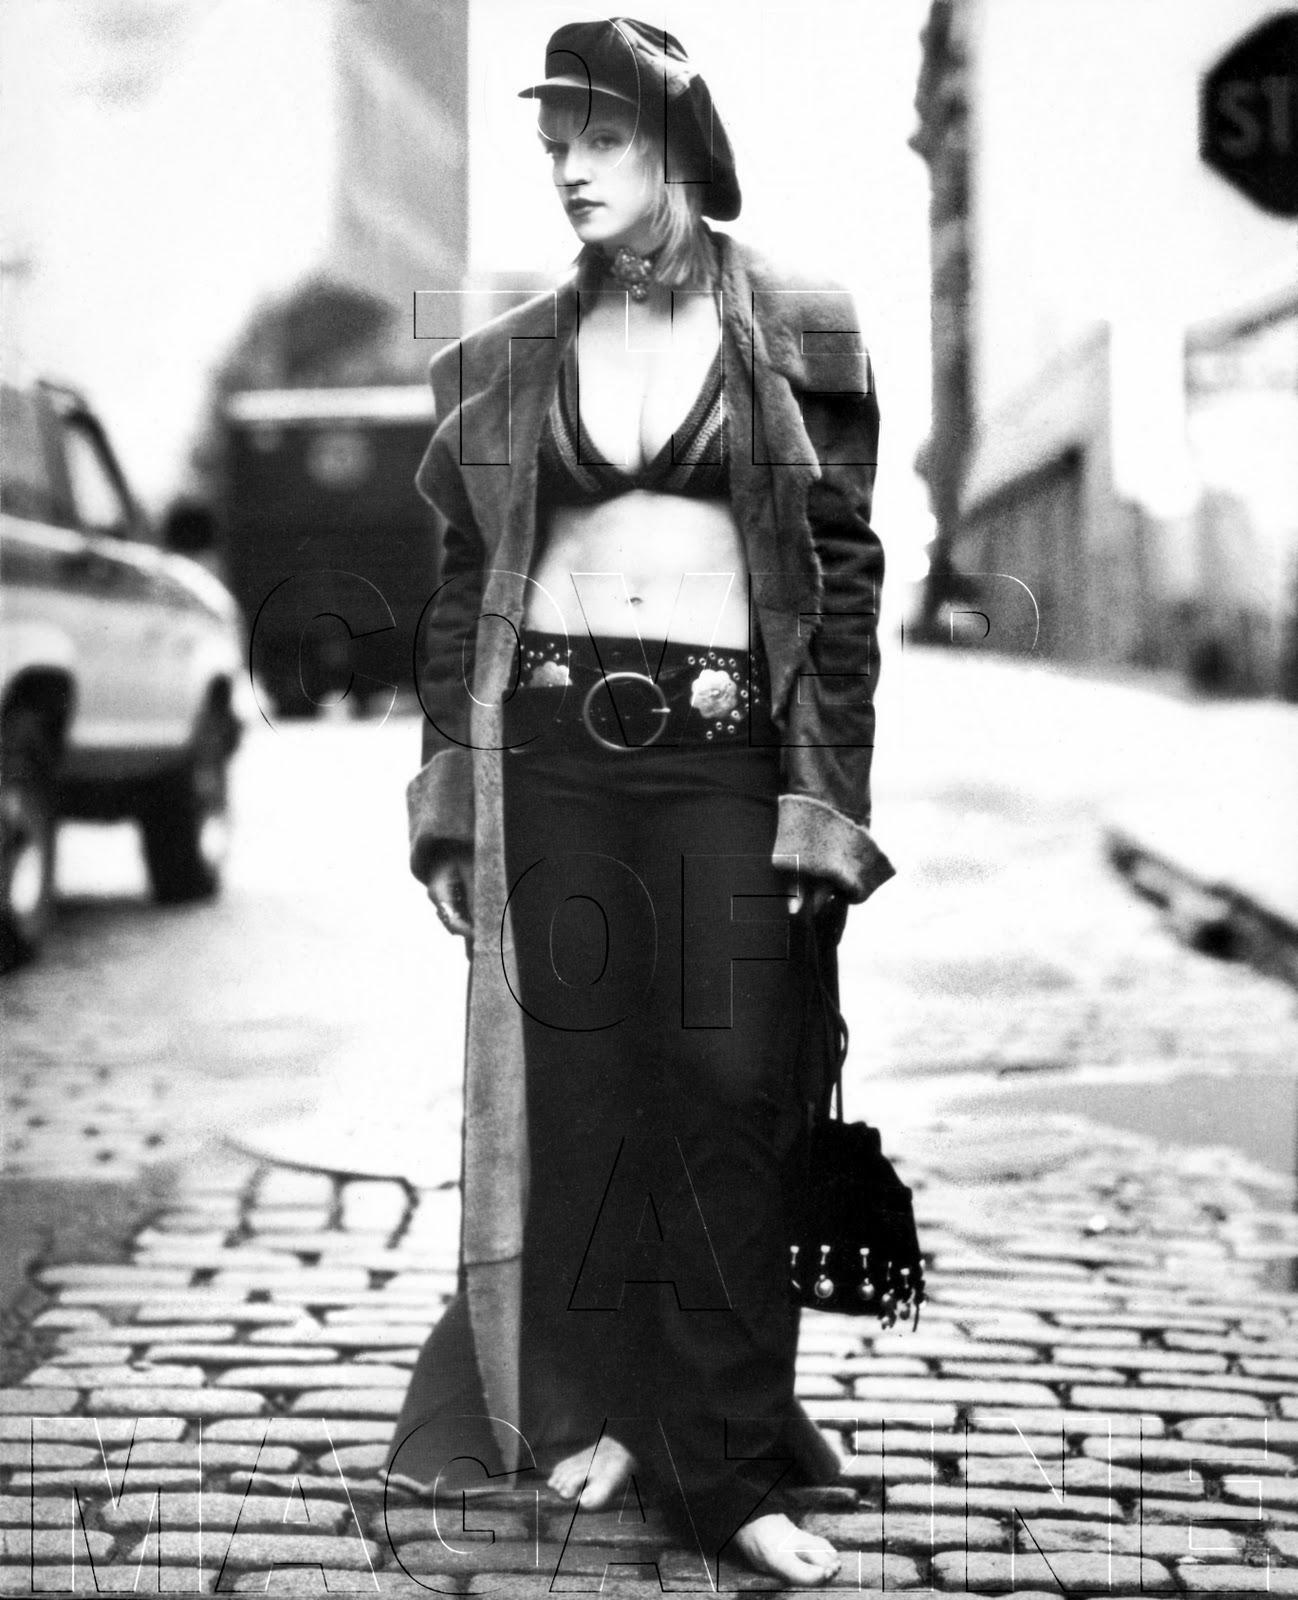 http://2.bp.blogspot.com/_eA7ZafYKvfU/TMztO-YSuOI/AAAAAAAAEKc/yw_-bwwqohU/s1600/1992+Steven+Meisel+(Vogue+Italy+Nov+92)+copy.jpg